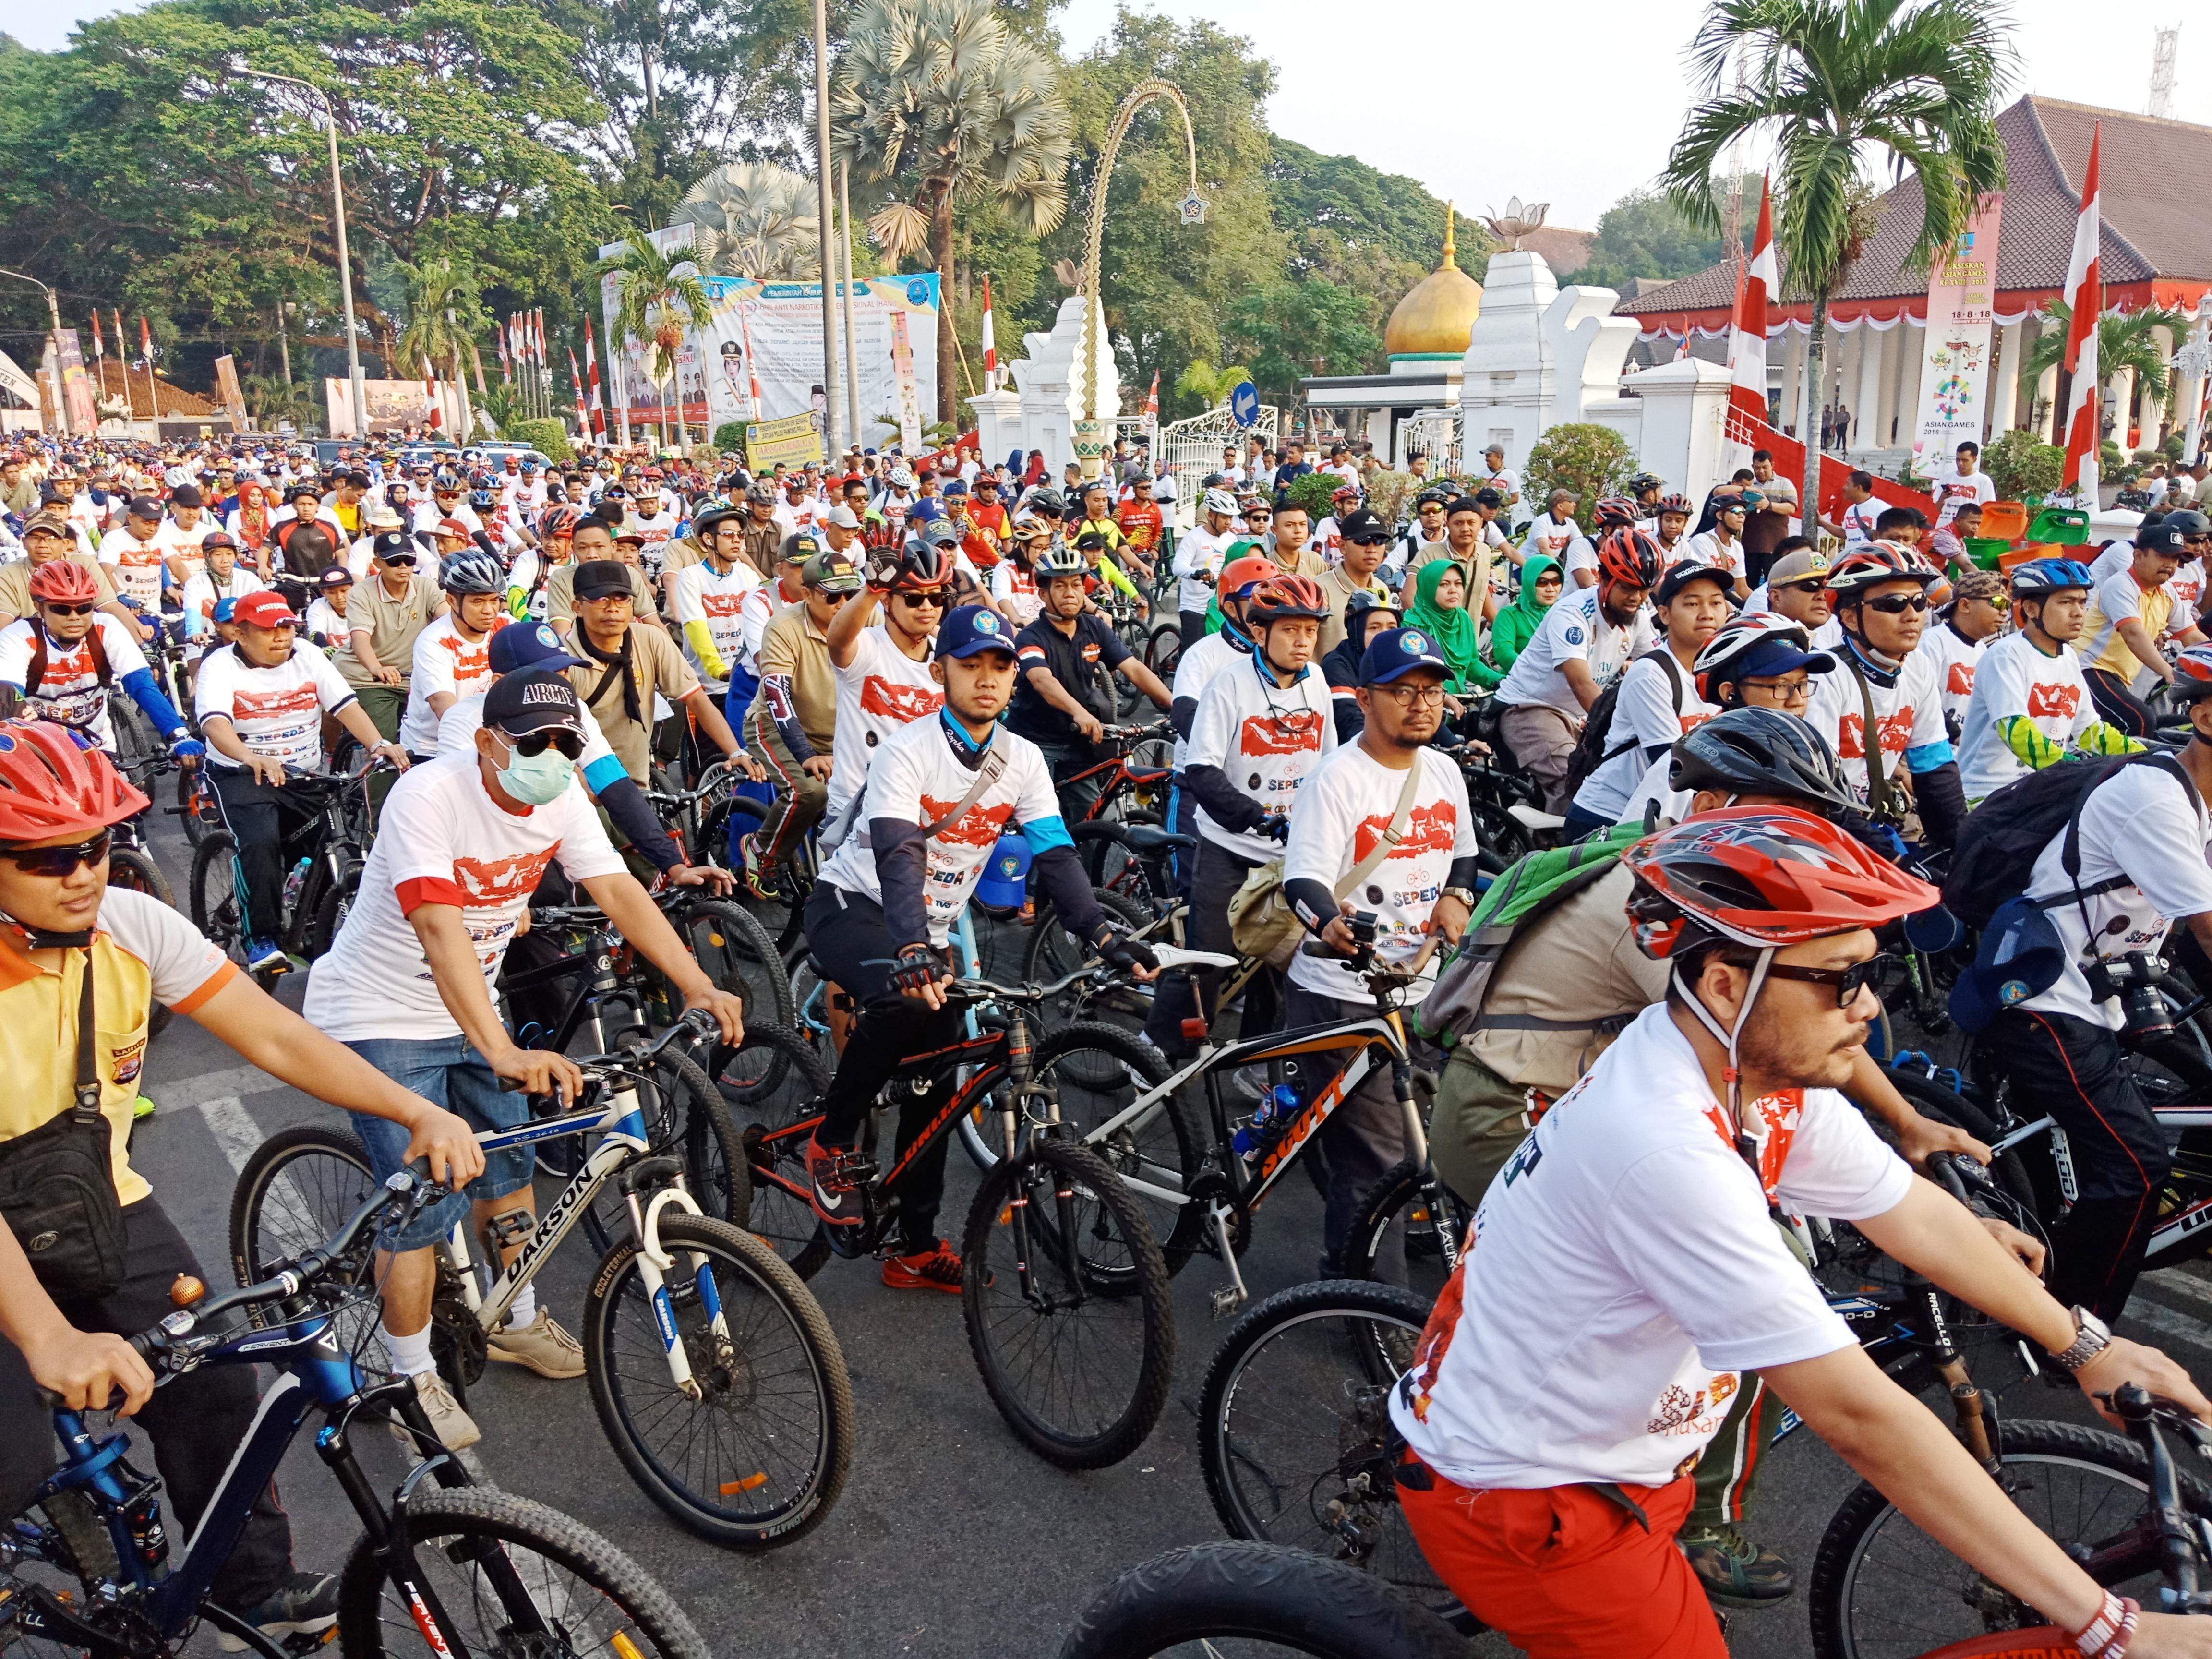 Bangun Persatuan Melalui Sepeda Nusantara